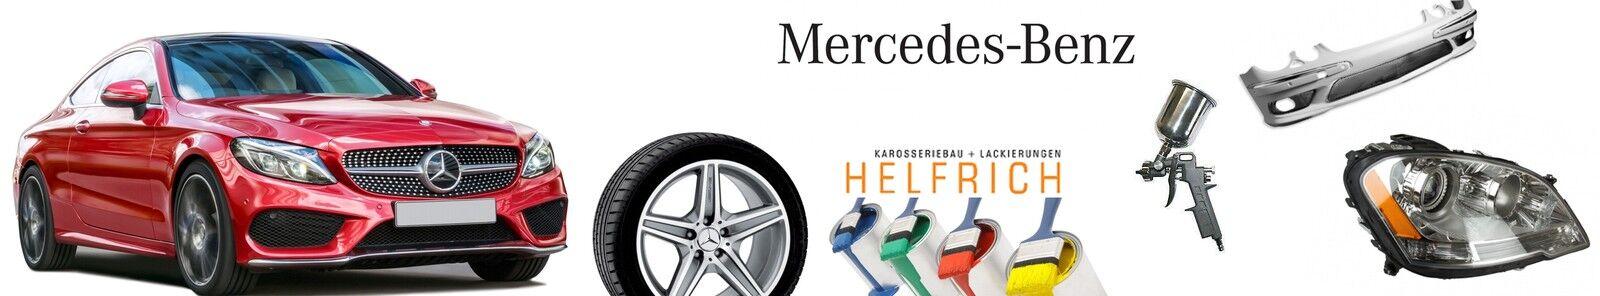 Helfrich-Karosserie